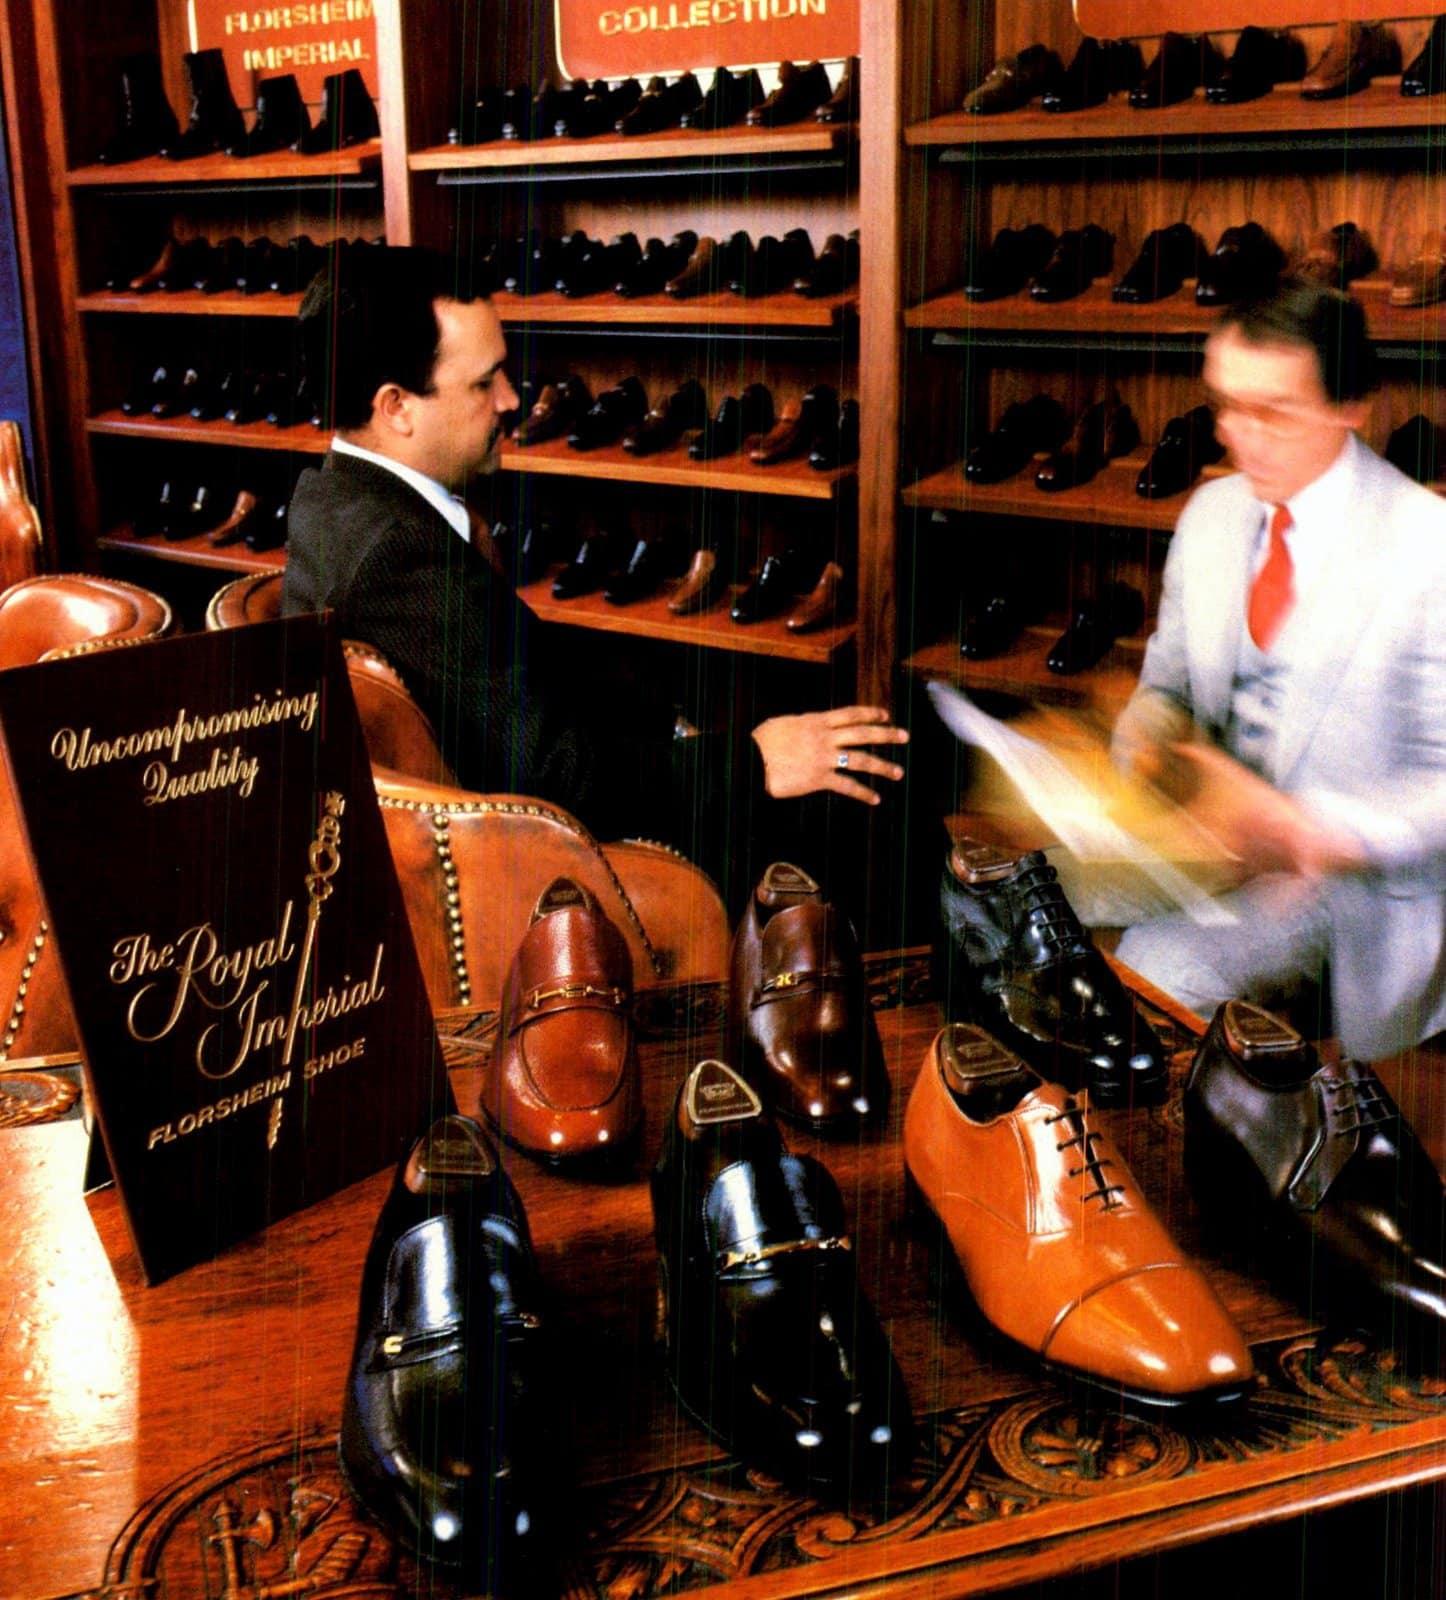 Men's shoe shopping in 1981